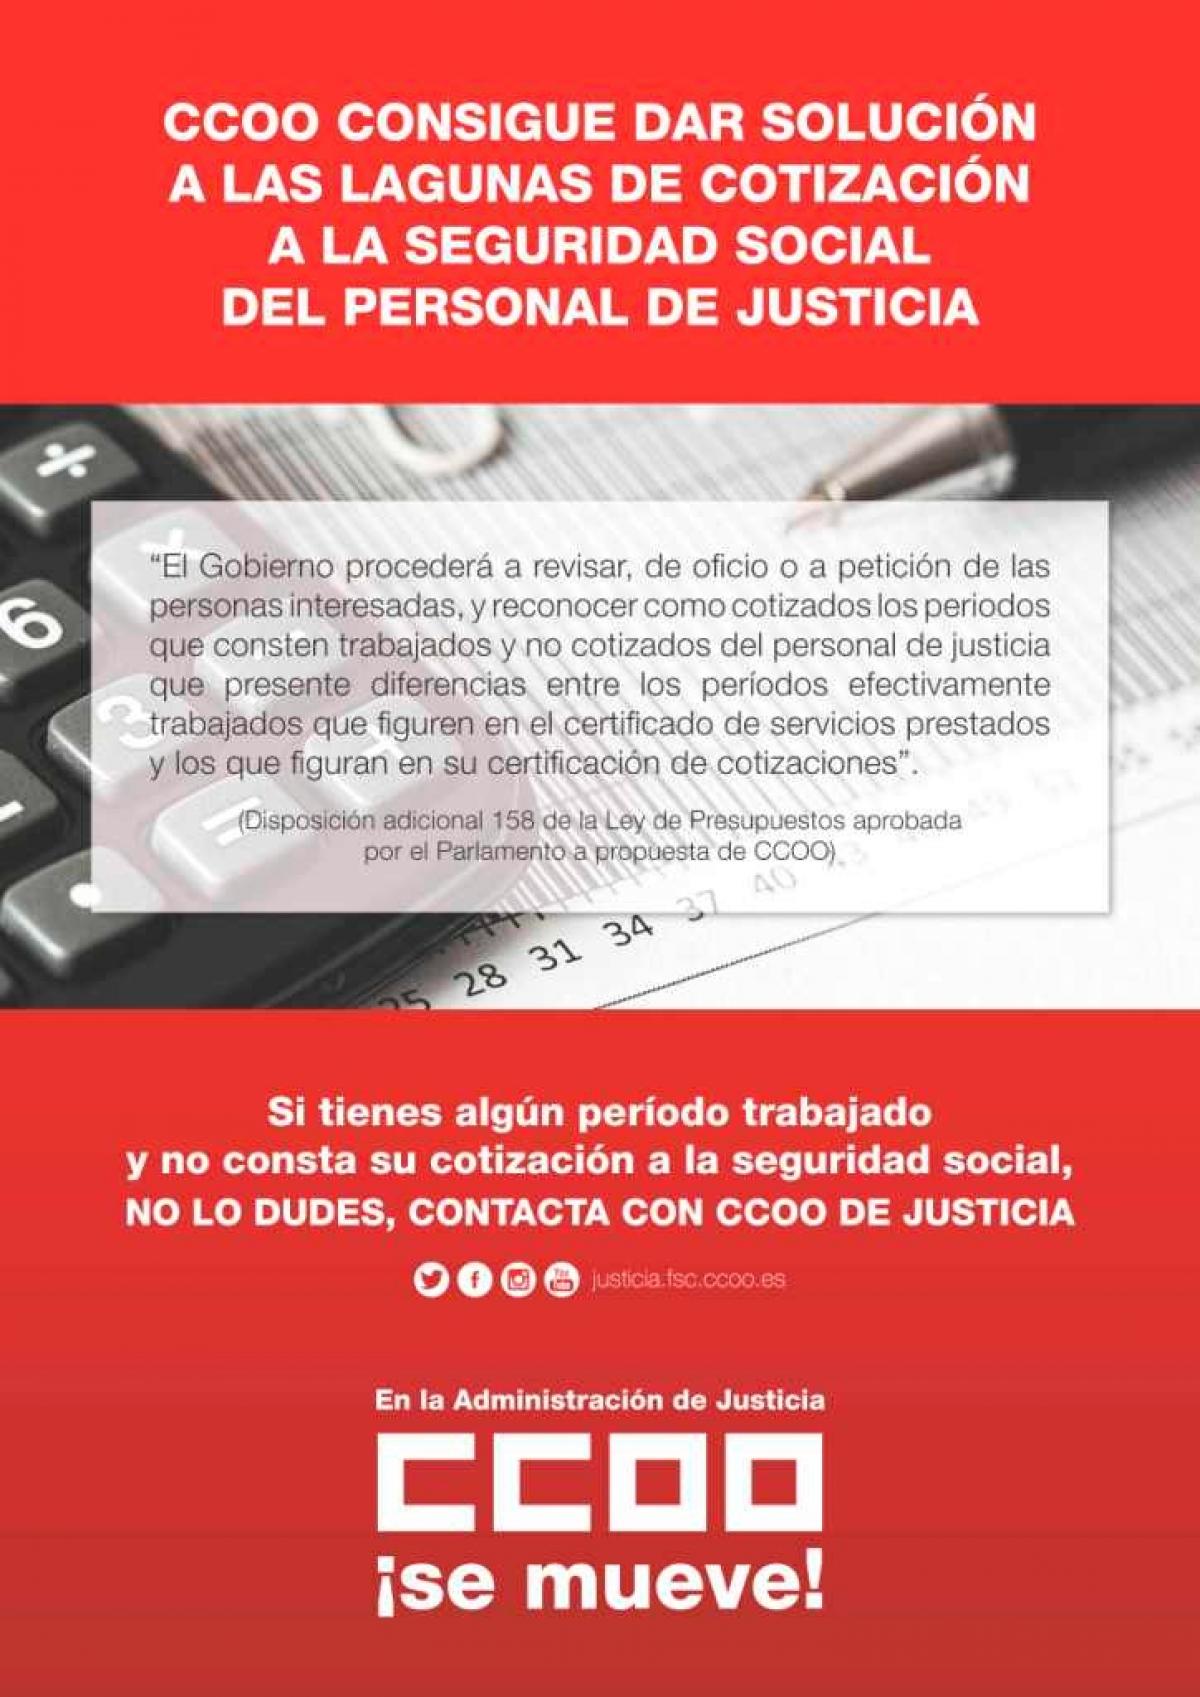 Solución cotizaciones a la Seguridad Social del personal de Justicia